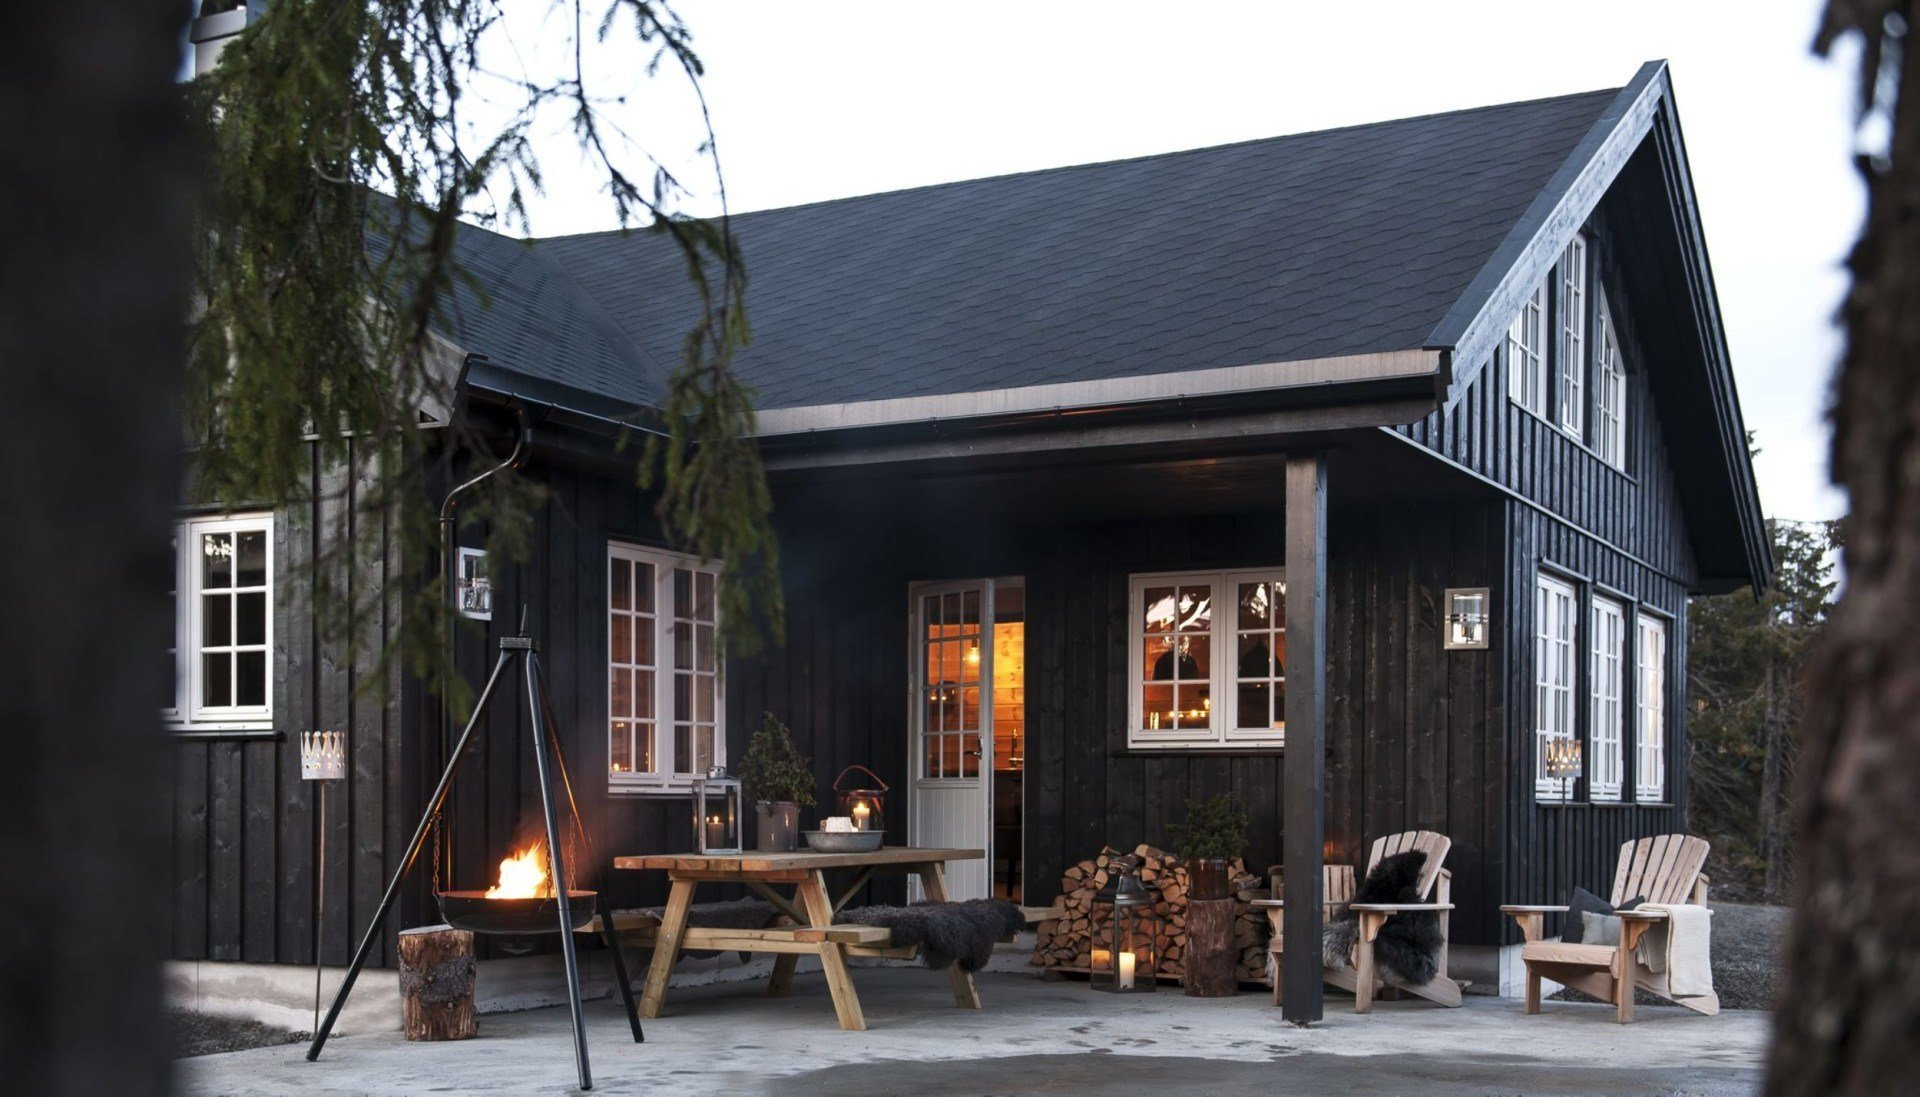 Dřevostavba v norském lyžařském středisku Sjusjøen  nedaleko od Lillehammeru padla do oka páru, jehož koníčkem je právě lyžování. Než se však mohli noví majitelé spolu se svou dcerkou plně zabydlet a užívat si zimních radovánek v blízkém okolí, bylo zapotřebí důkladné rekonstrukce.